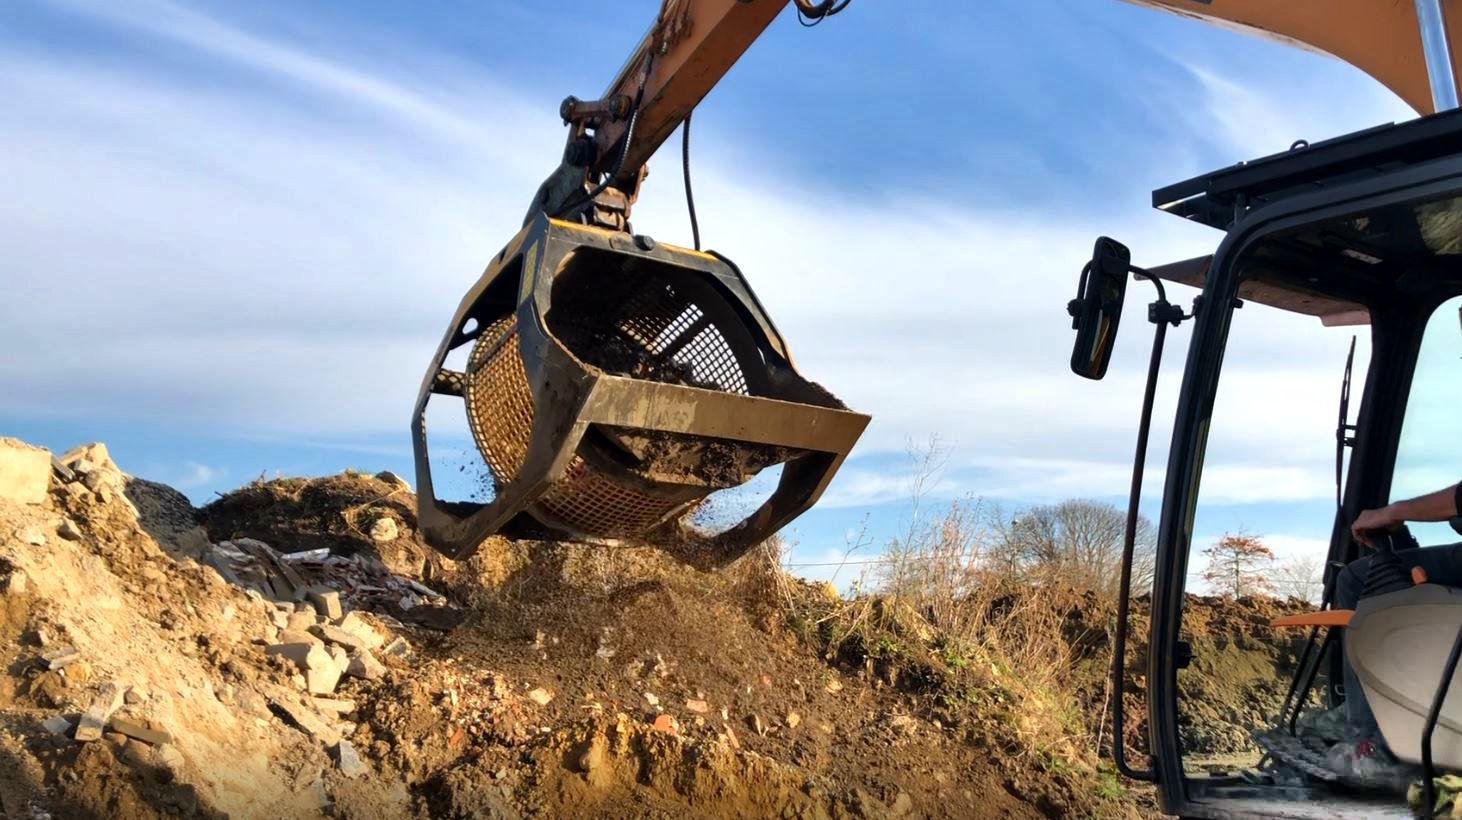 C'est dans le Morbihan que 4 outils MB Crusher travaillent à plein régime sur uneplateforme de recyclageet de ventes de matériaux de décoration et d'aménagements extérieurs.